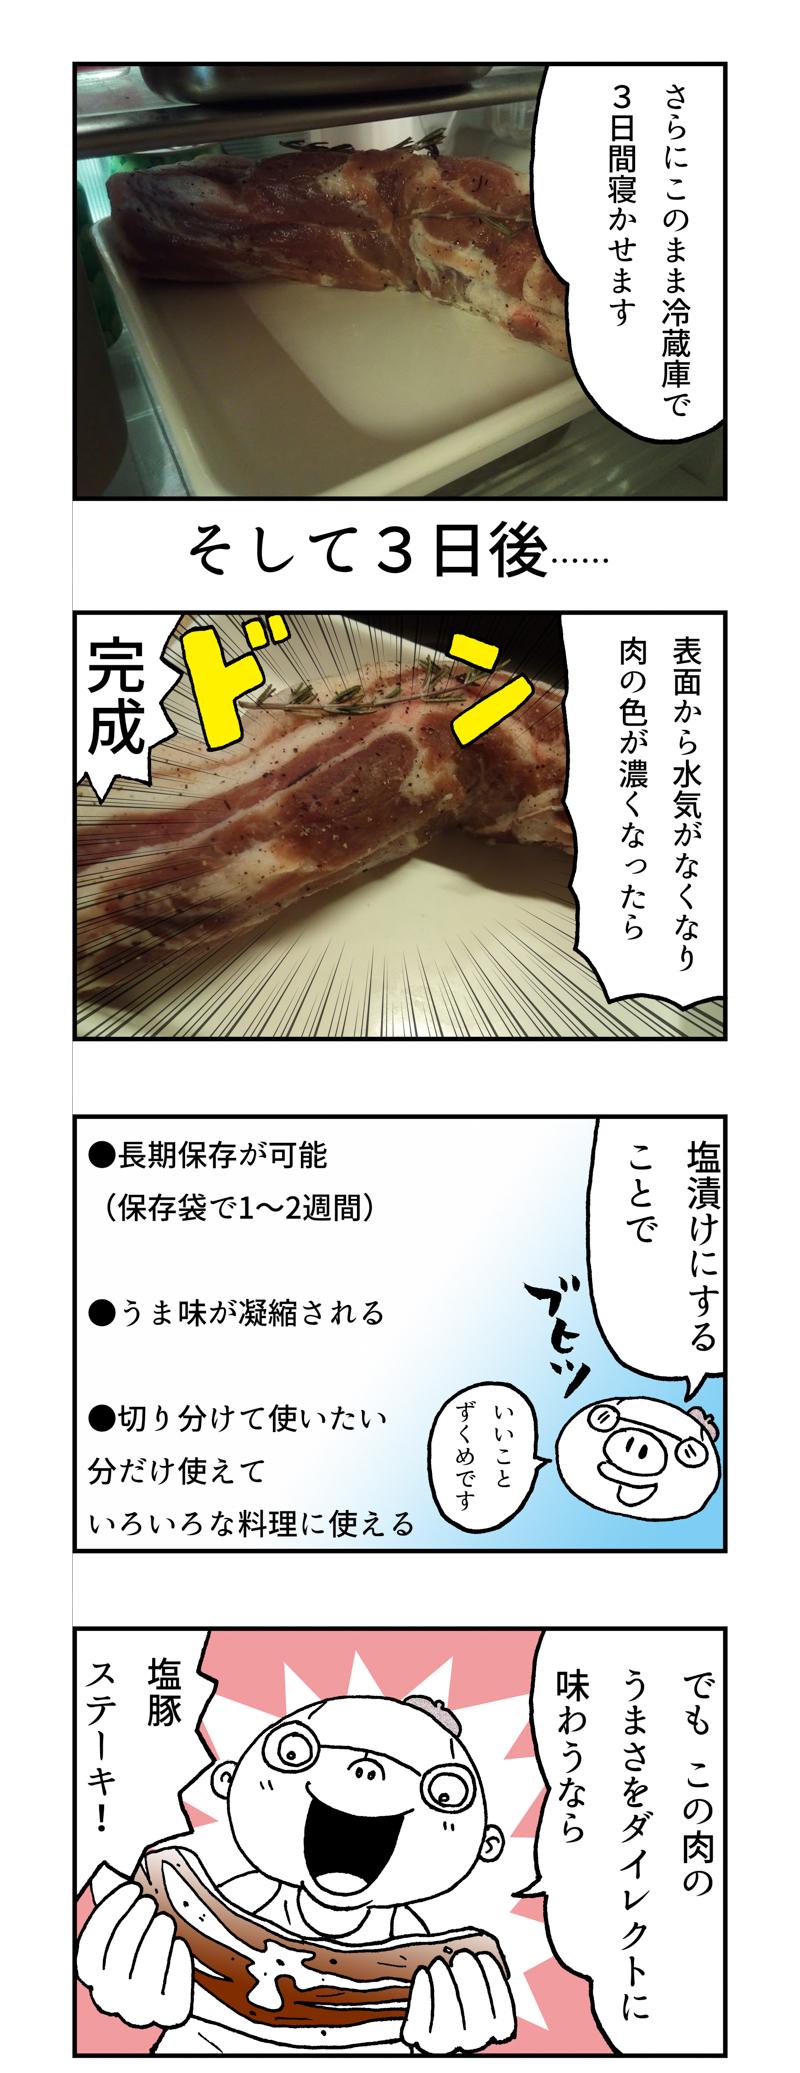 f:id:Meshi2_IB:20170801090433j:plain